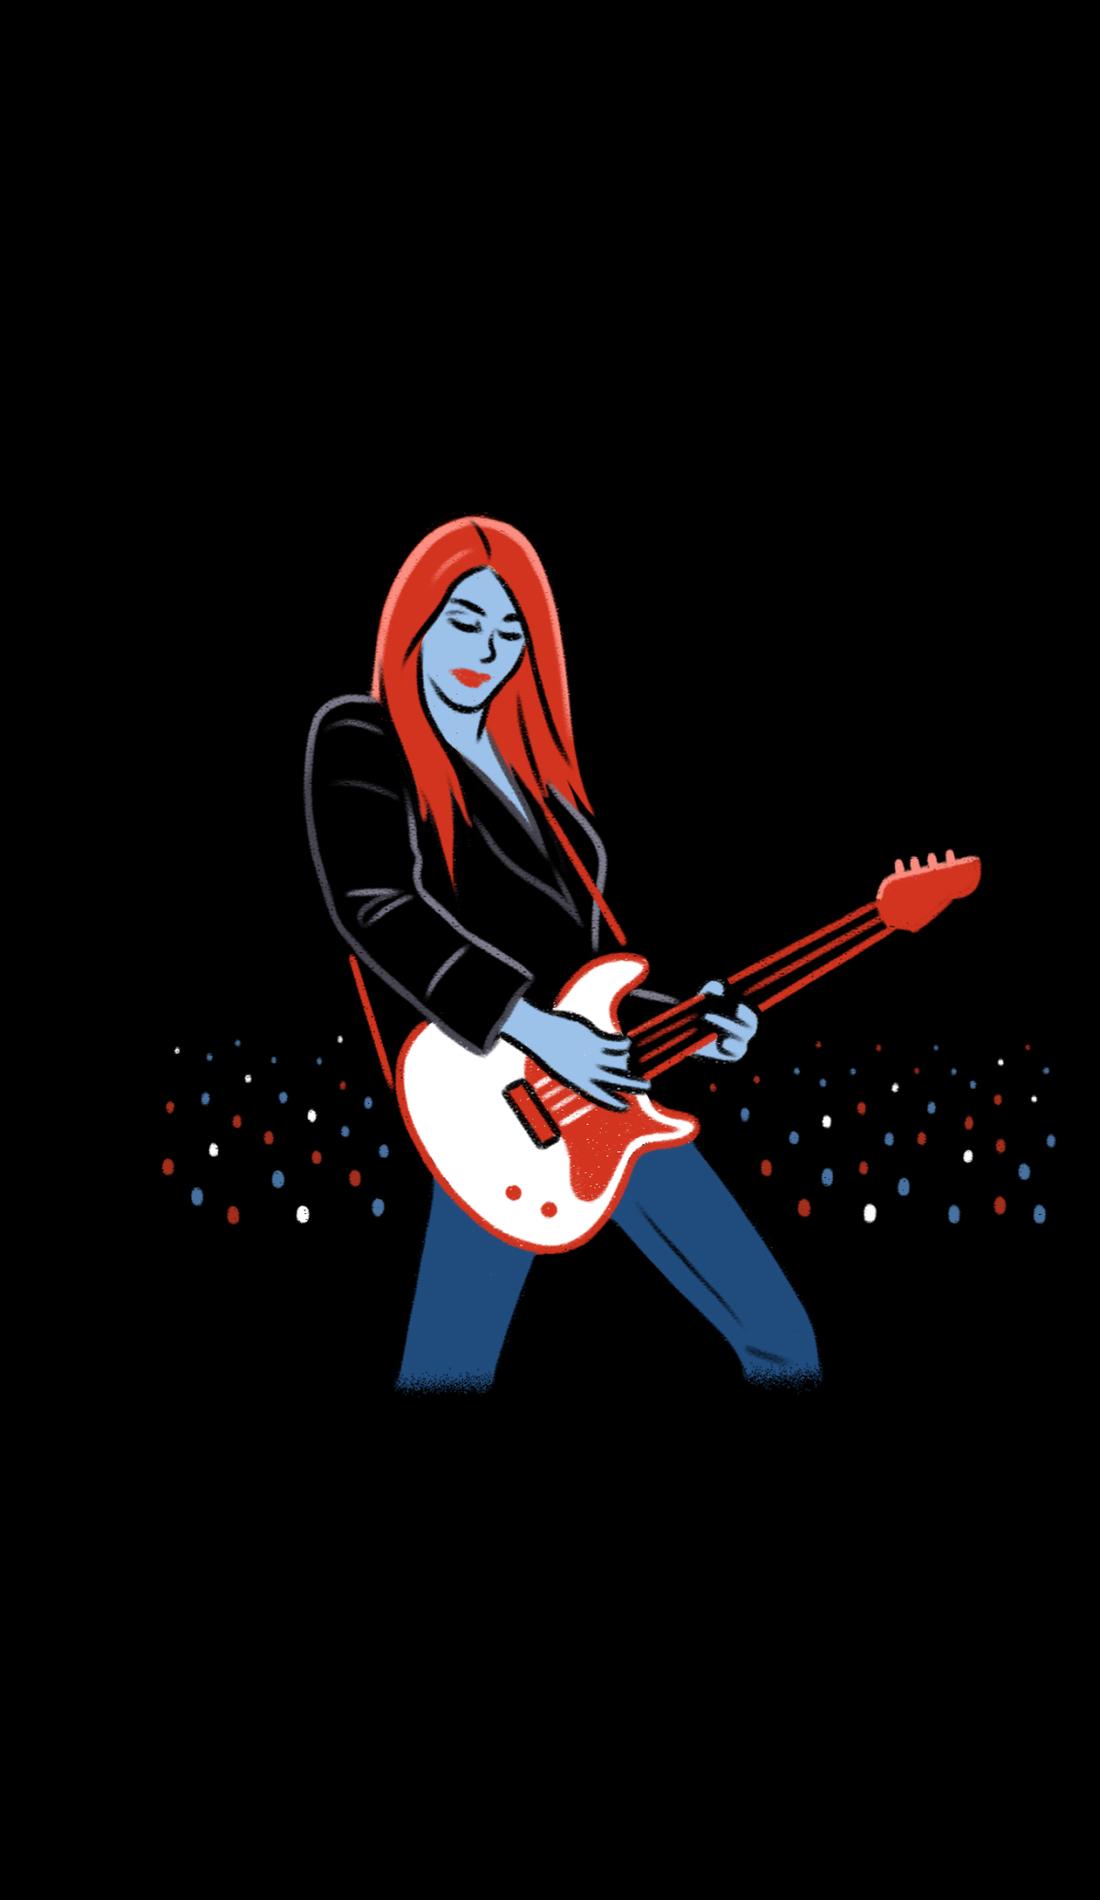 A Dexta Daps live event